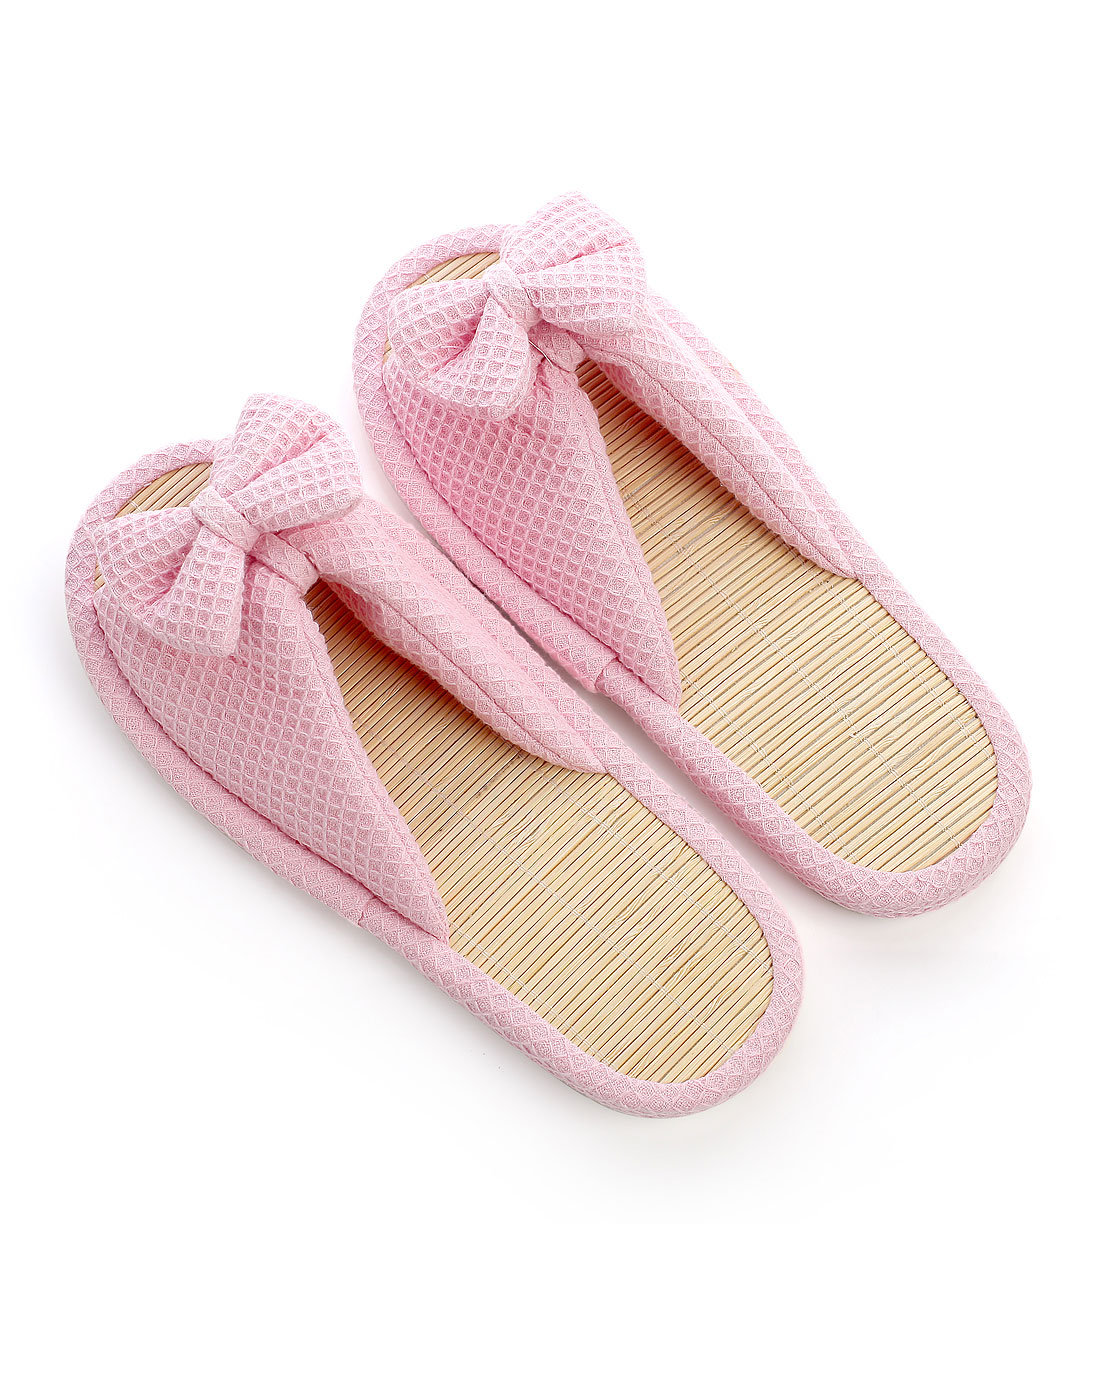 女式蝴蝶结细竹拖鞋